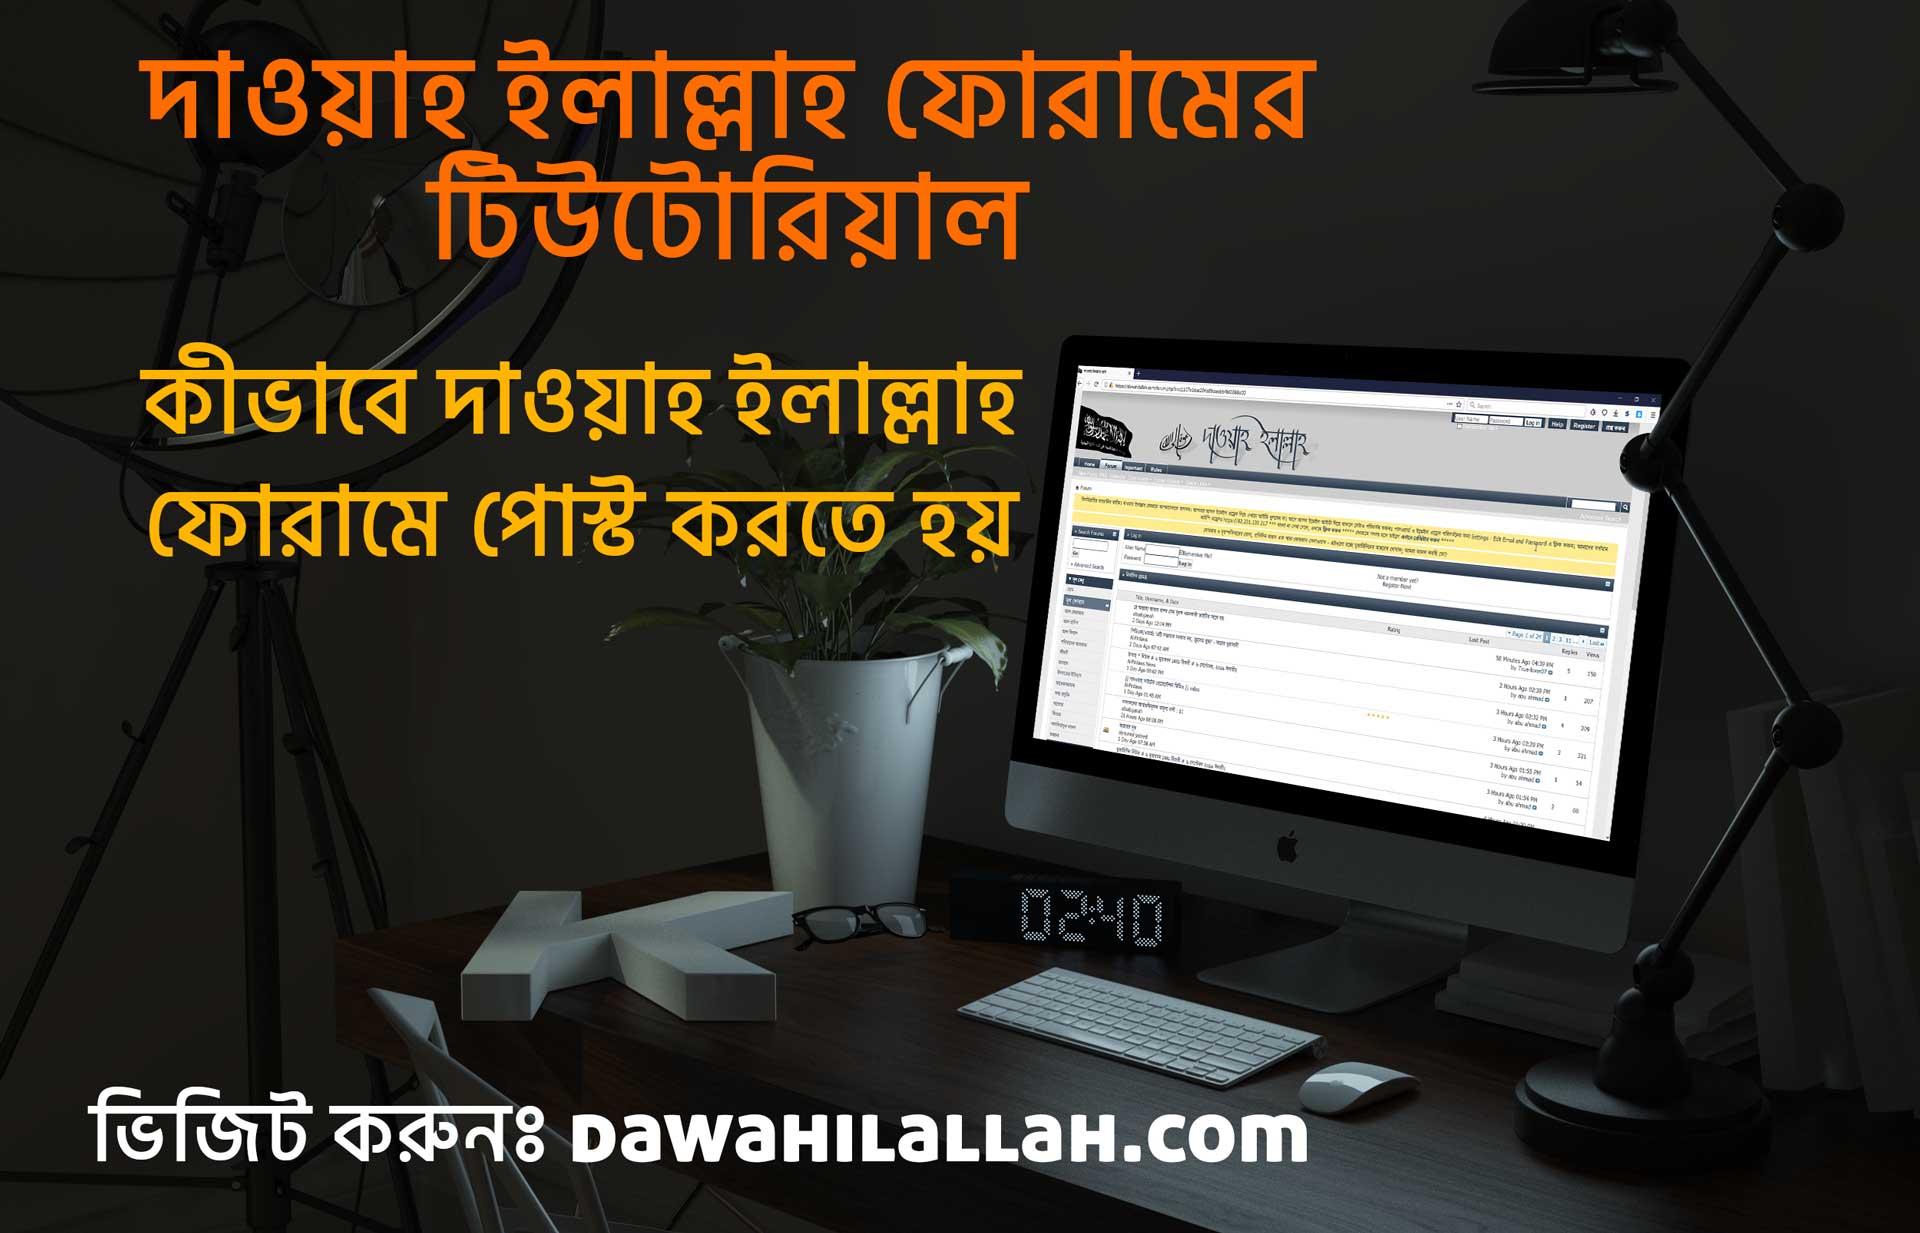 দাওয়াহ ইলাল্লাহ ফোরামের টিউটোরিয়াল || কীভাবে দাওয়াহ ইলাল্লাহ ফোরামে পোস্ট করতে হয়